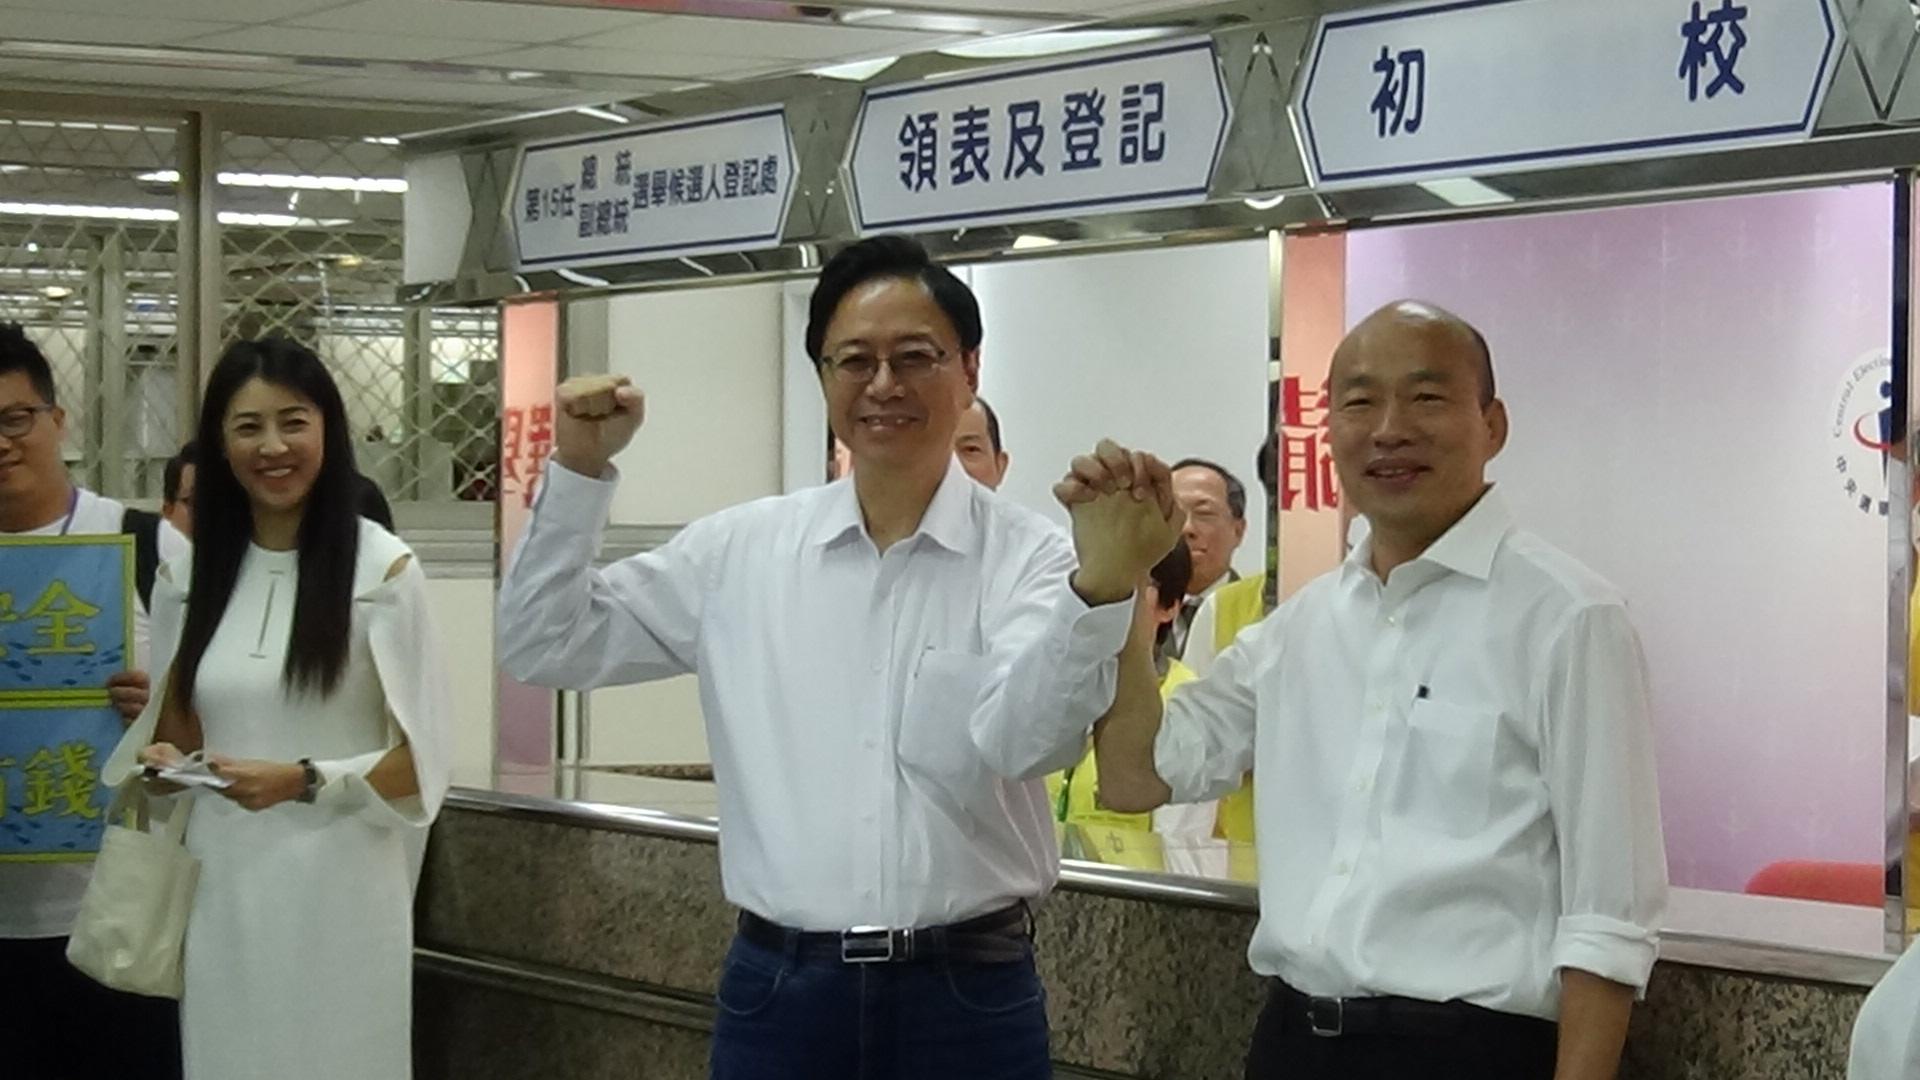 国民党正副总统候选人韩国瑜、张善政18日完成登记。(记者夏小华摄)